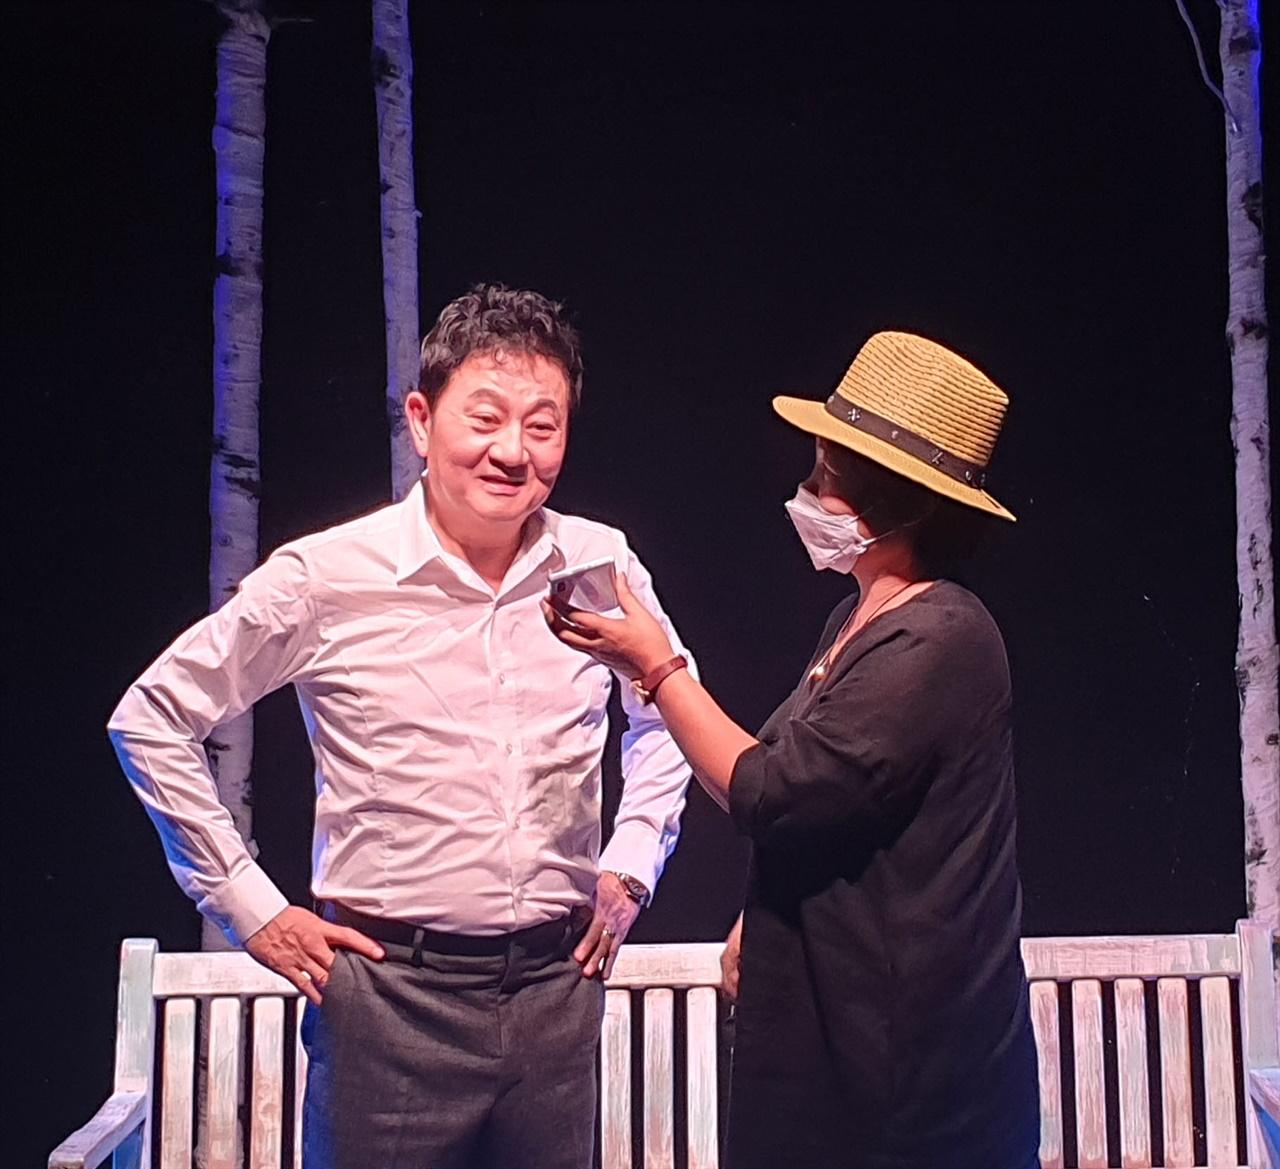 '체홉, 여자를 읽다'  쌍칼로 유명한 '주연 박준규' 연극인과 인터뷰를 하고 있다.